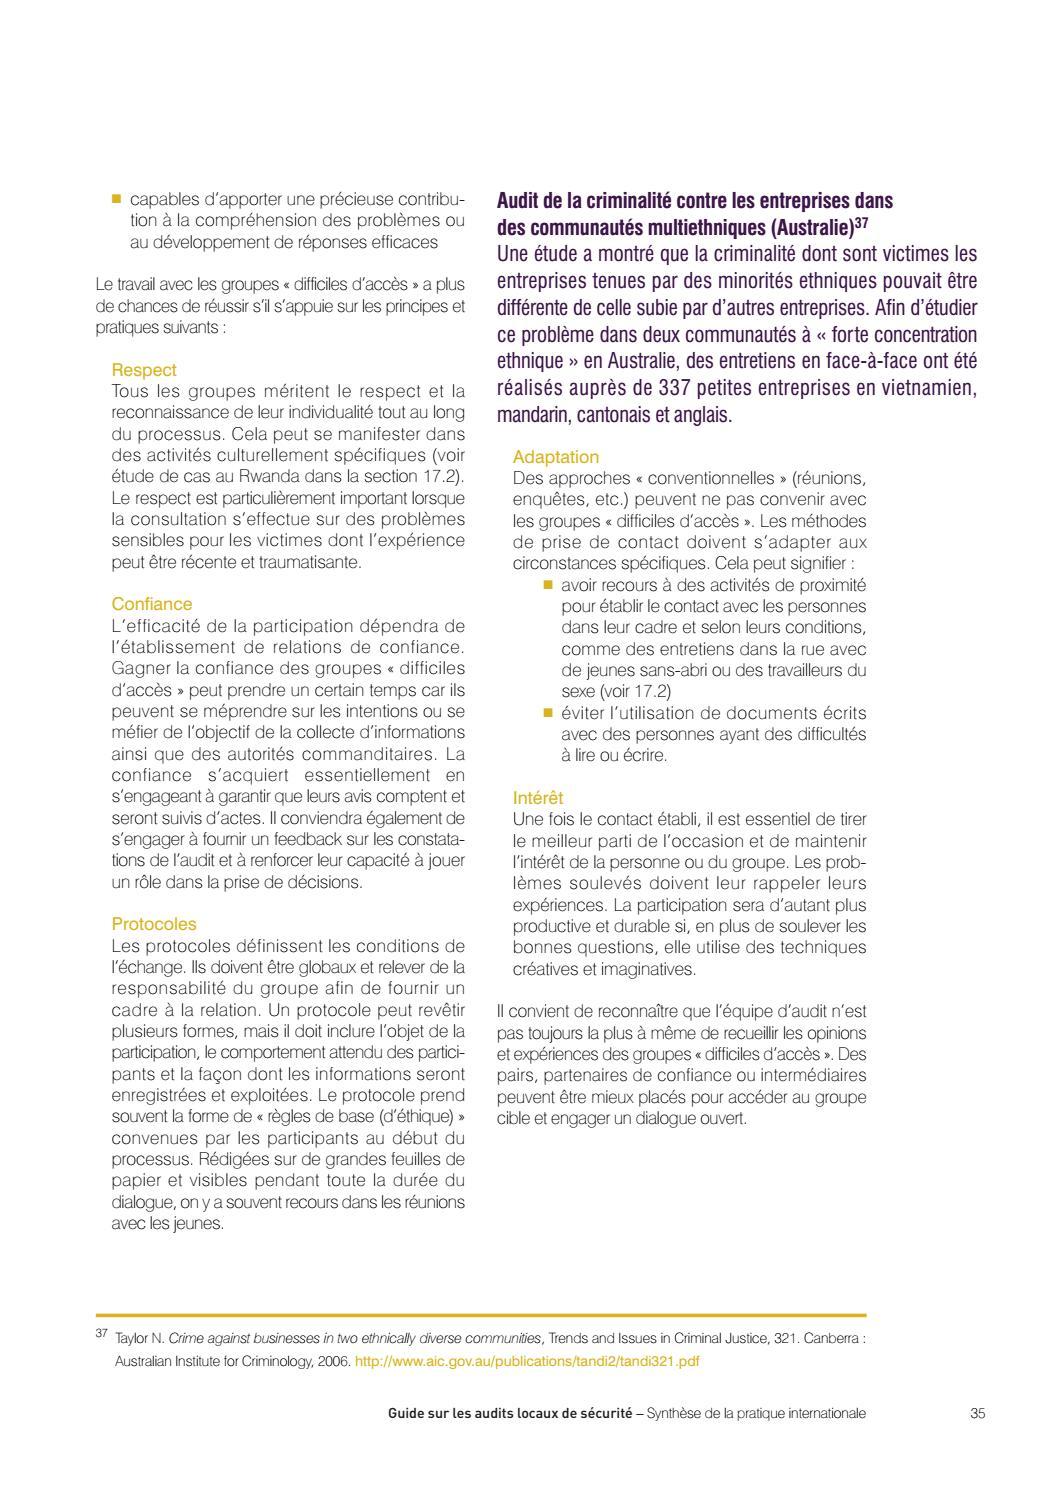 Guide Sur Les Audits Locaux De Securite Synthese De La Pratique Internationale Vebuka Com